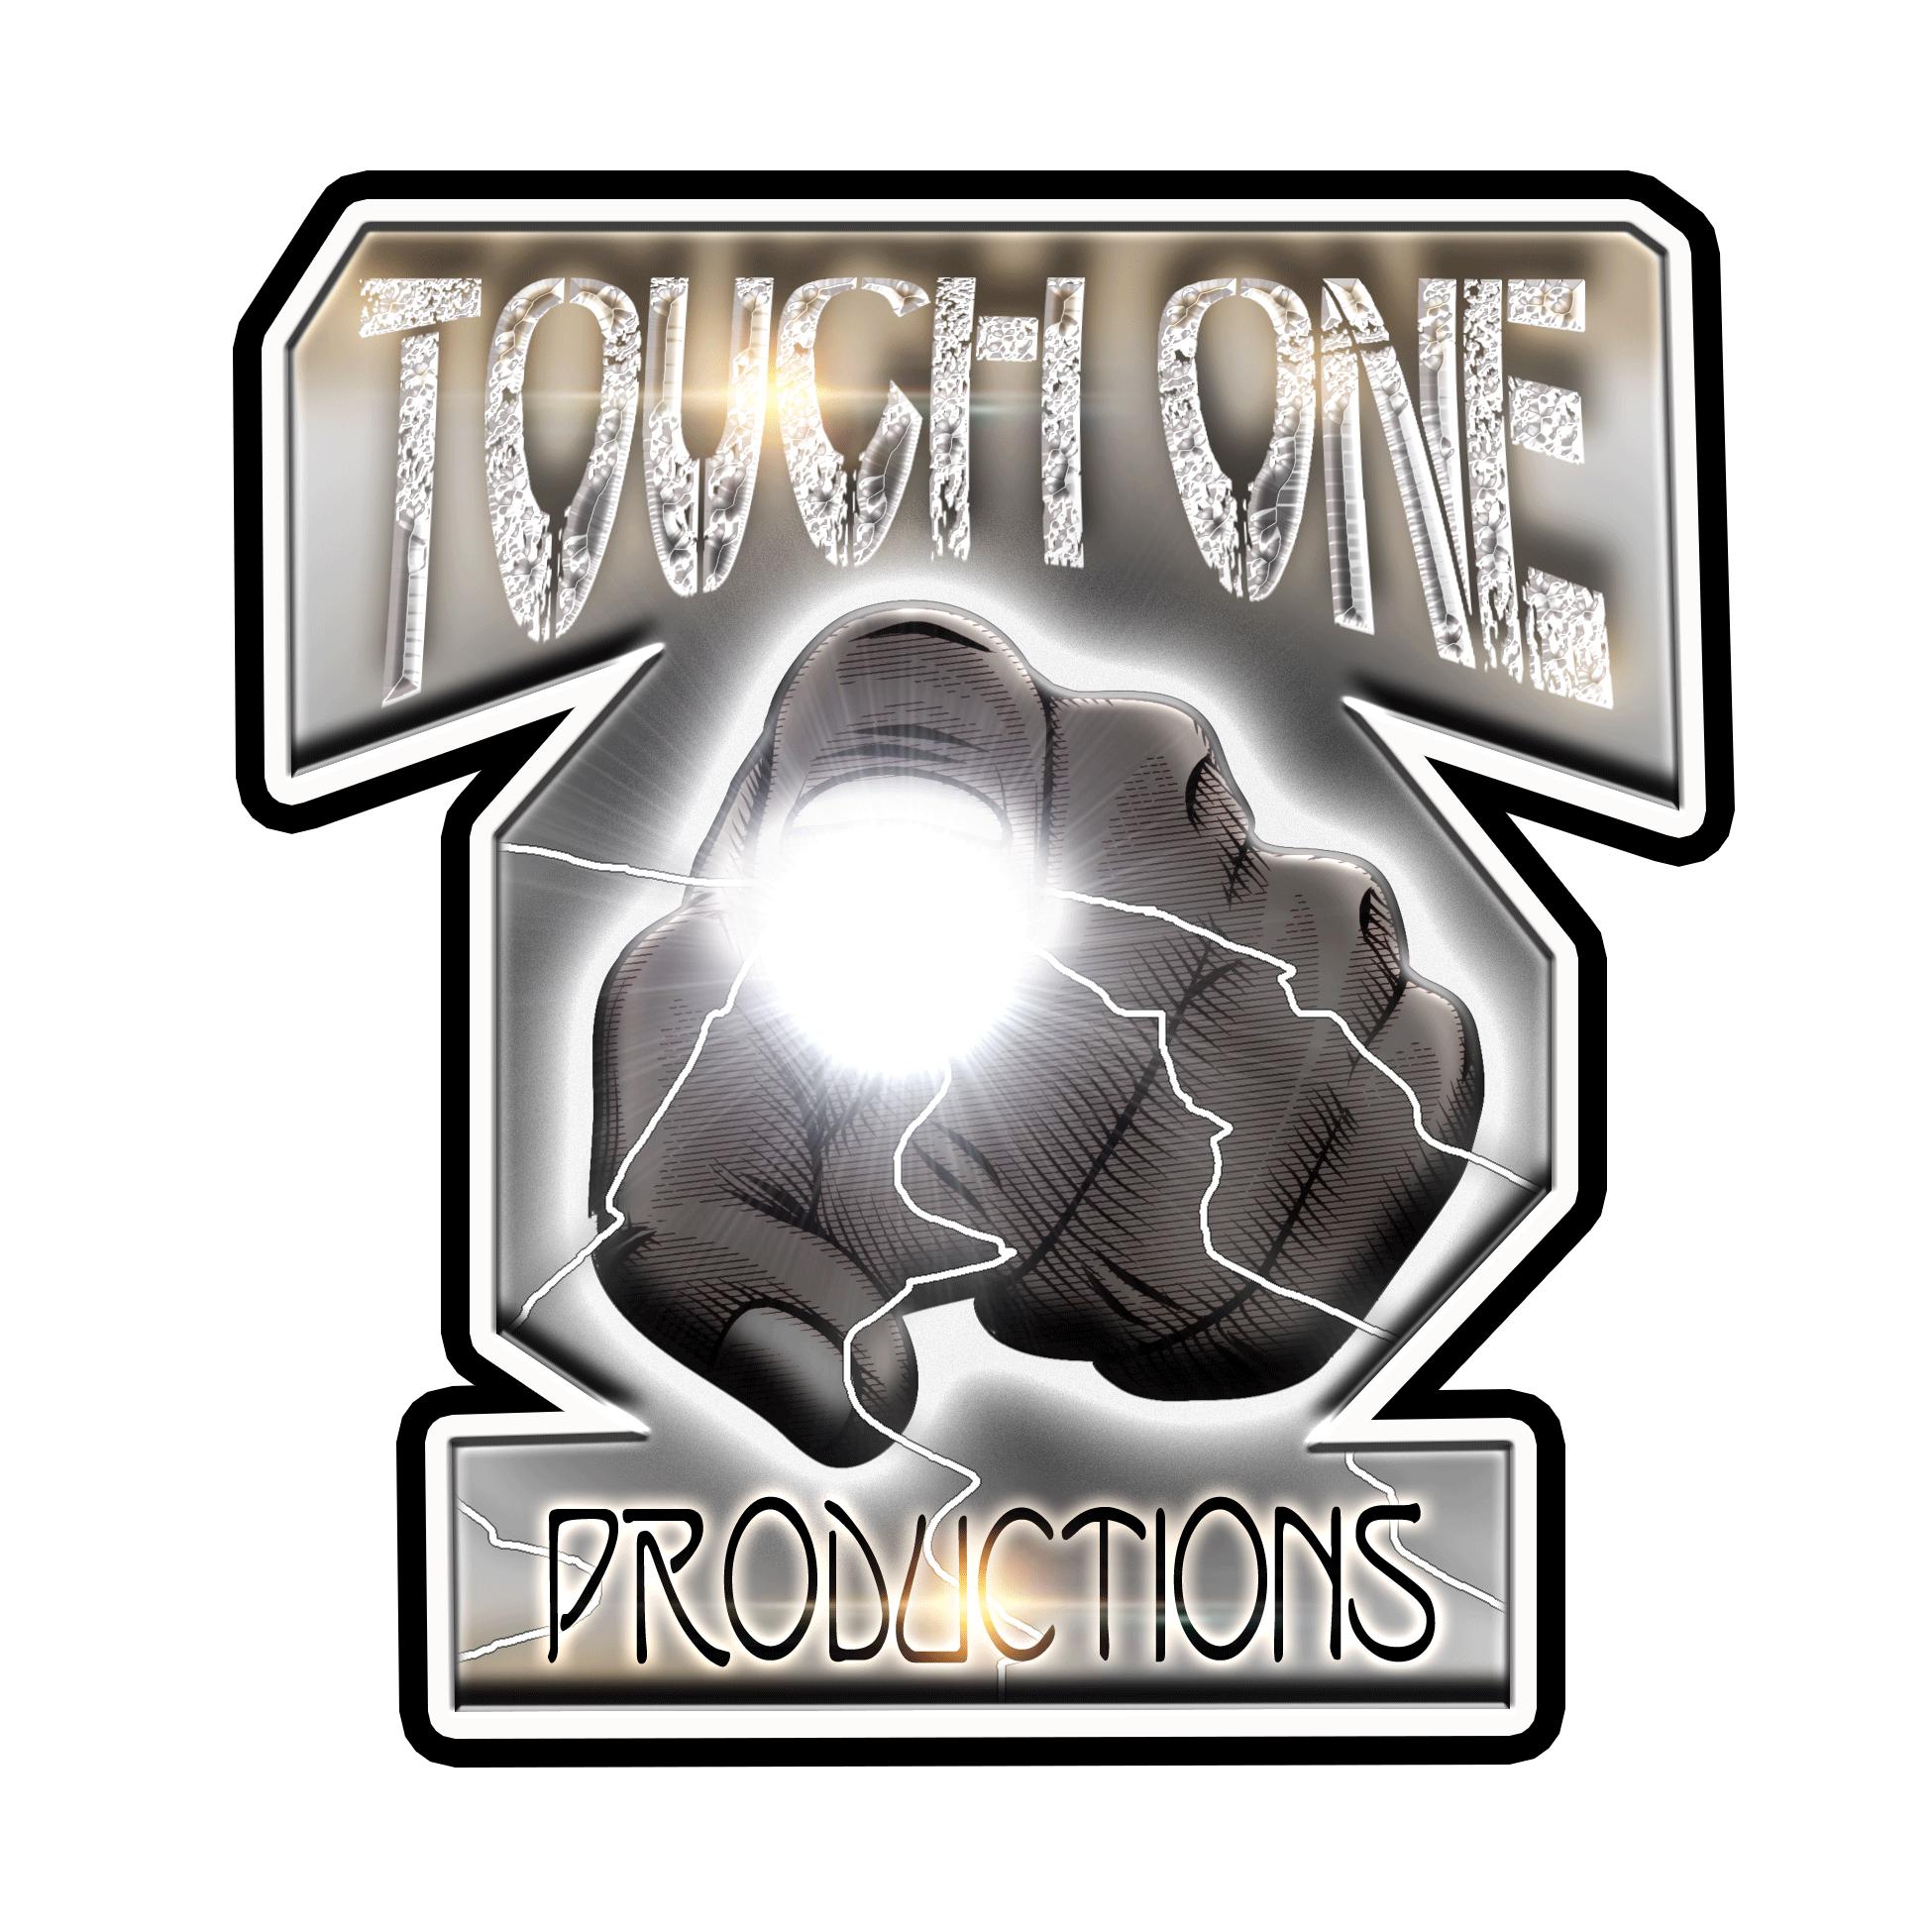 Touchone2